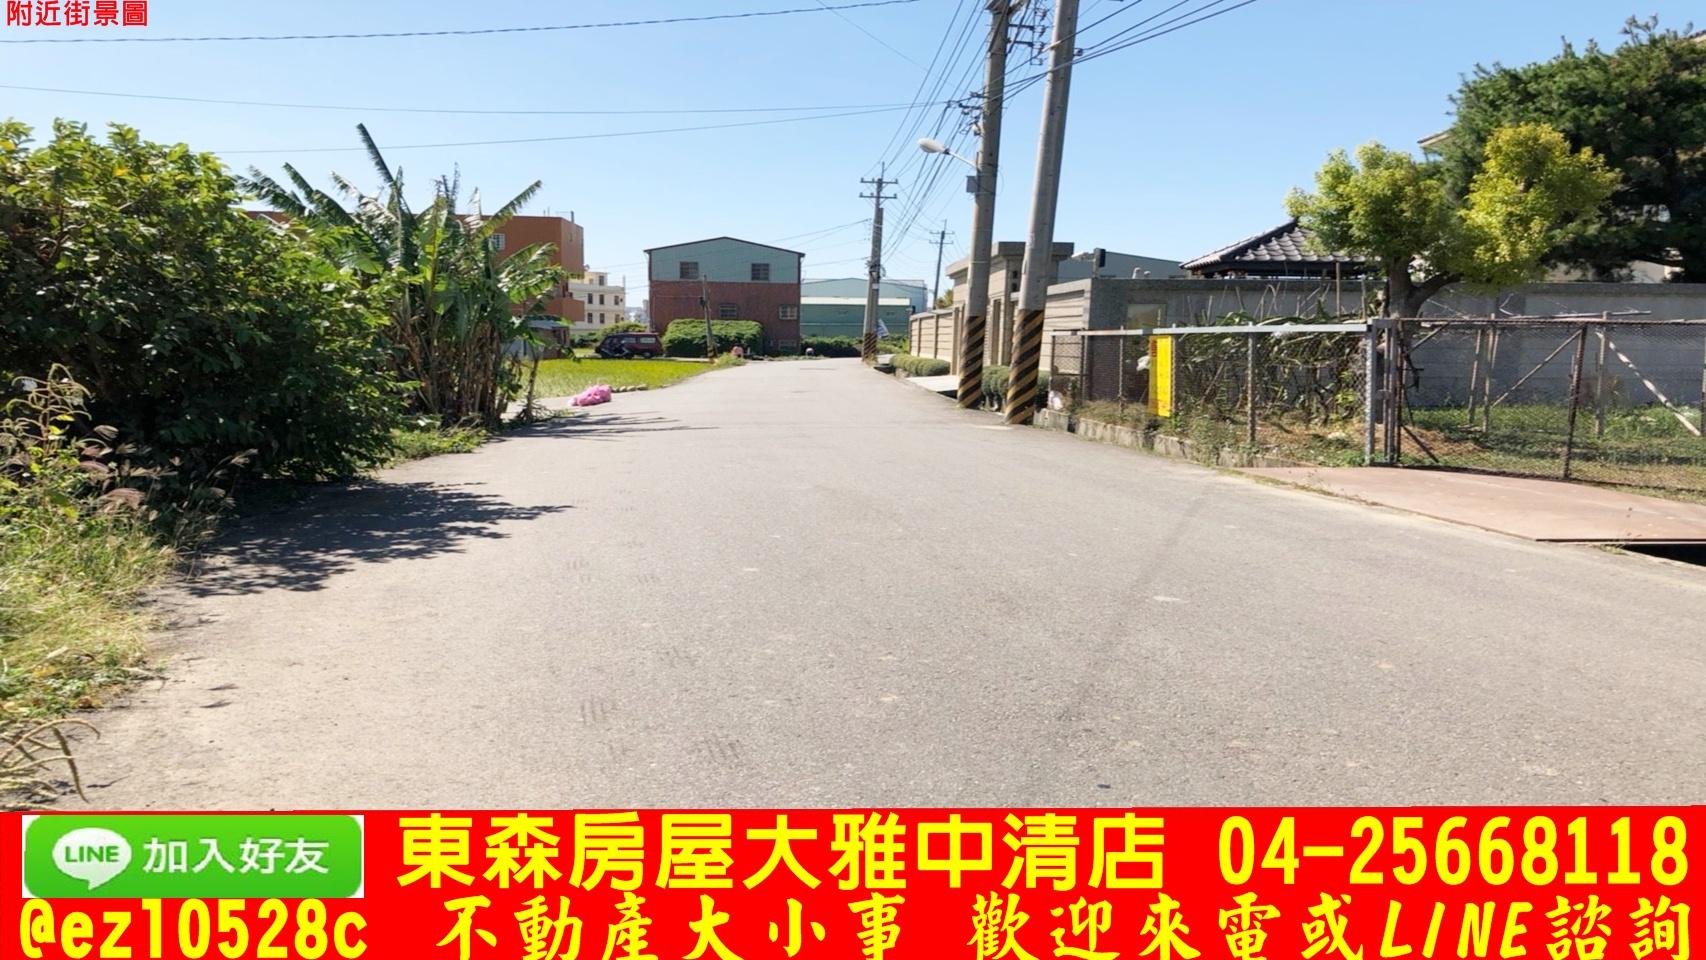 東森房屋大雅中清店-六寶方正田